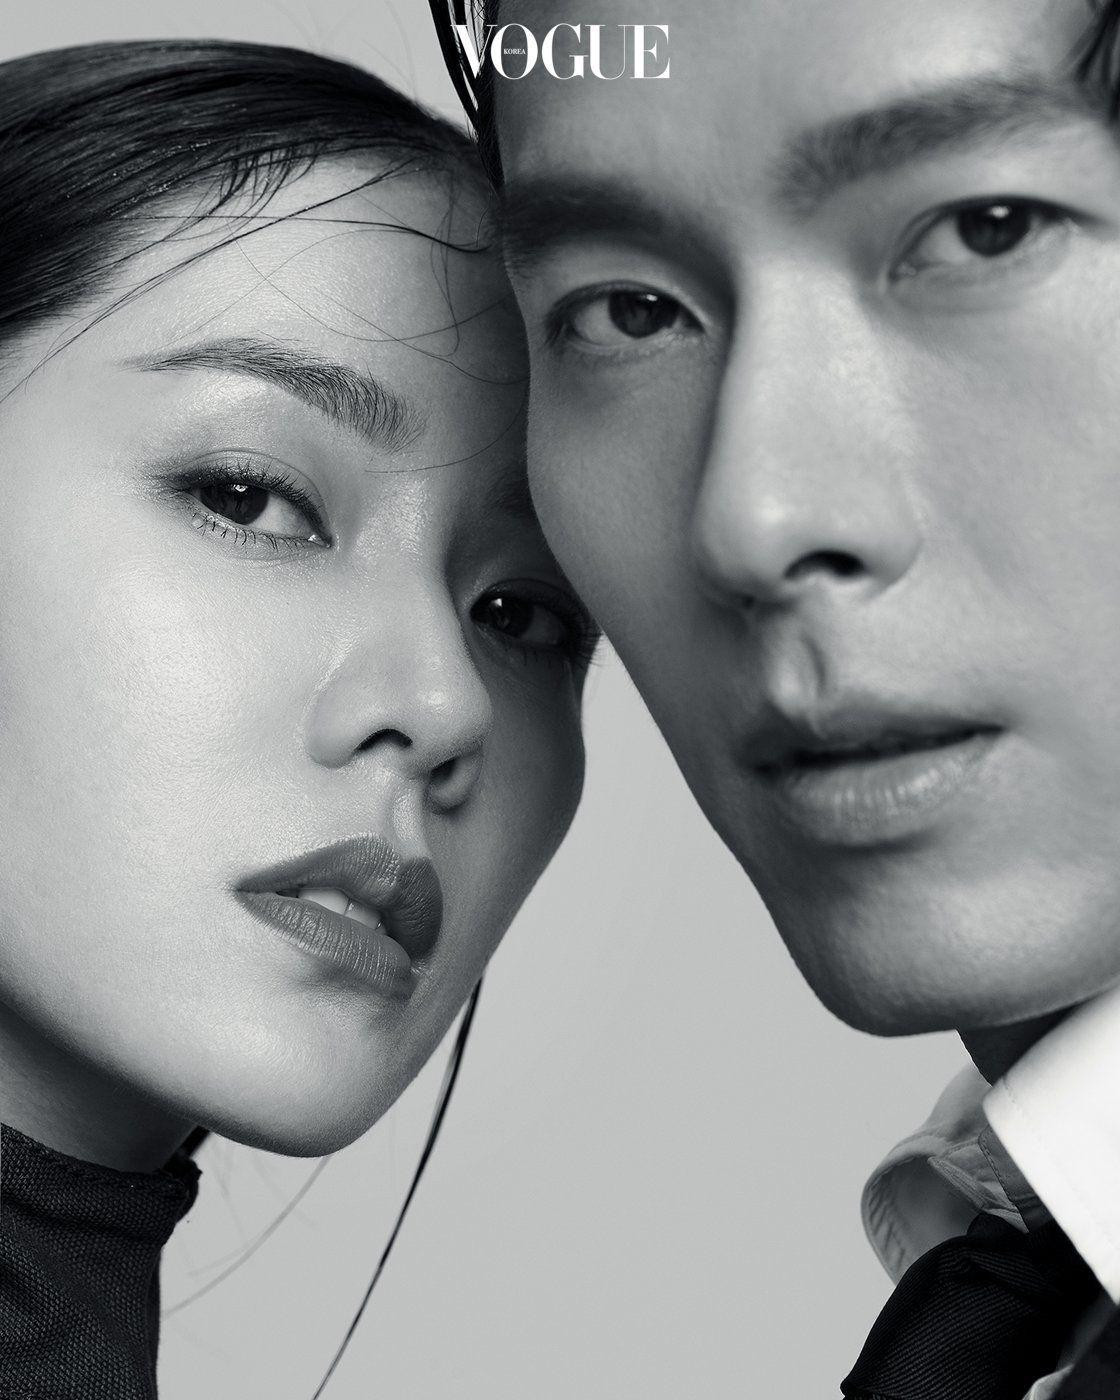 Nhìn Son Ye Jin và Hyun Bin tình tứ, có thái độ đáng ngờ như thế này bảo sao ai cũng thi nhau đẩy thuyền - Ảnh 3.